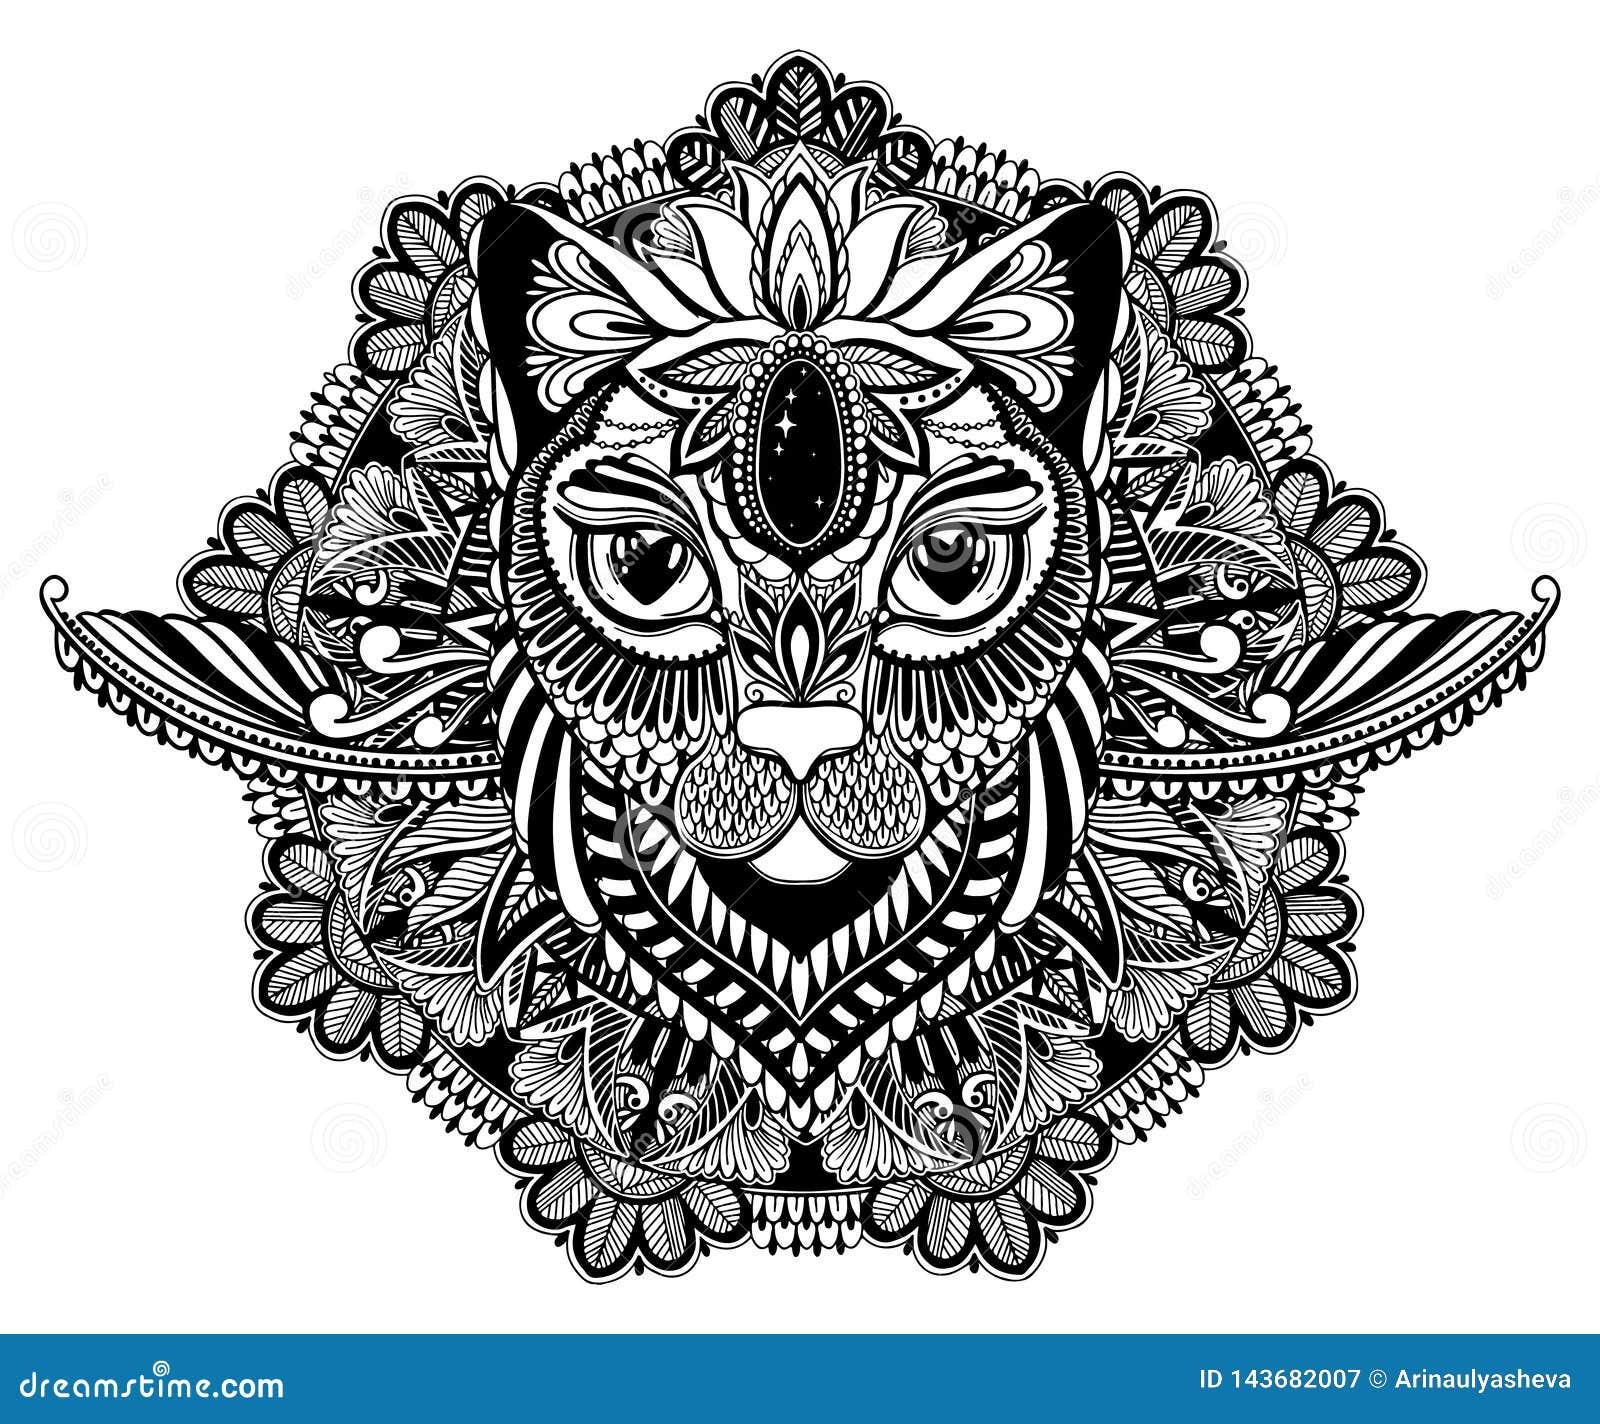 猫神秘主义者和坛场纹身花刺 黑色在白色背景中 装饰图解图画 被隔绝的设计标志